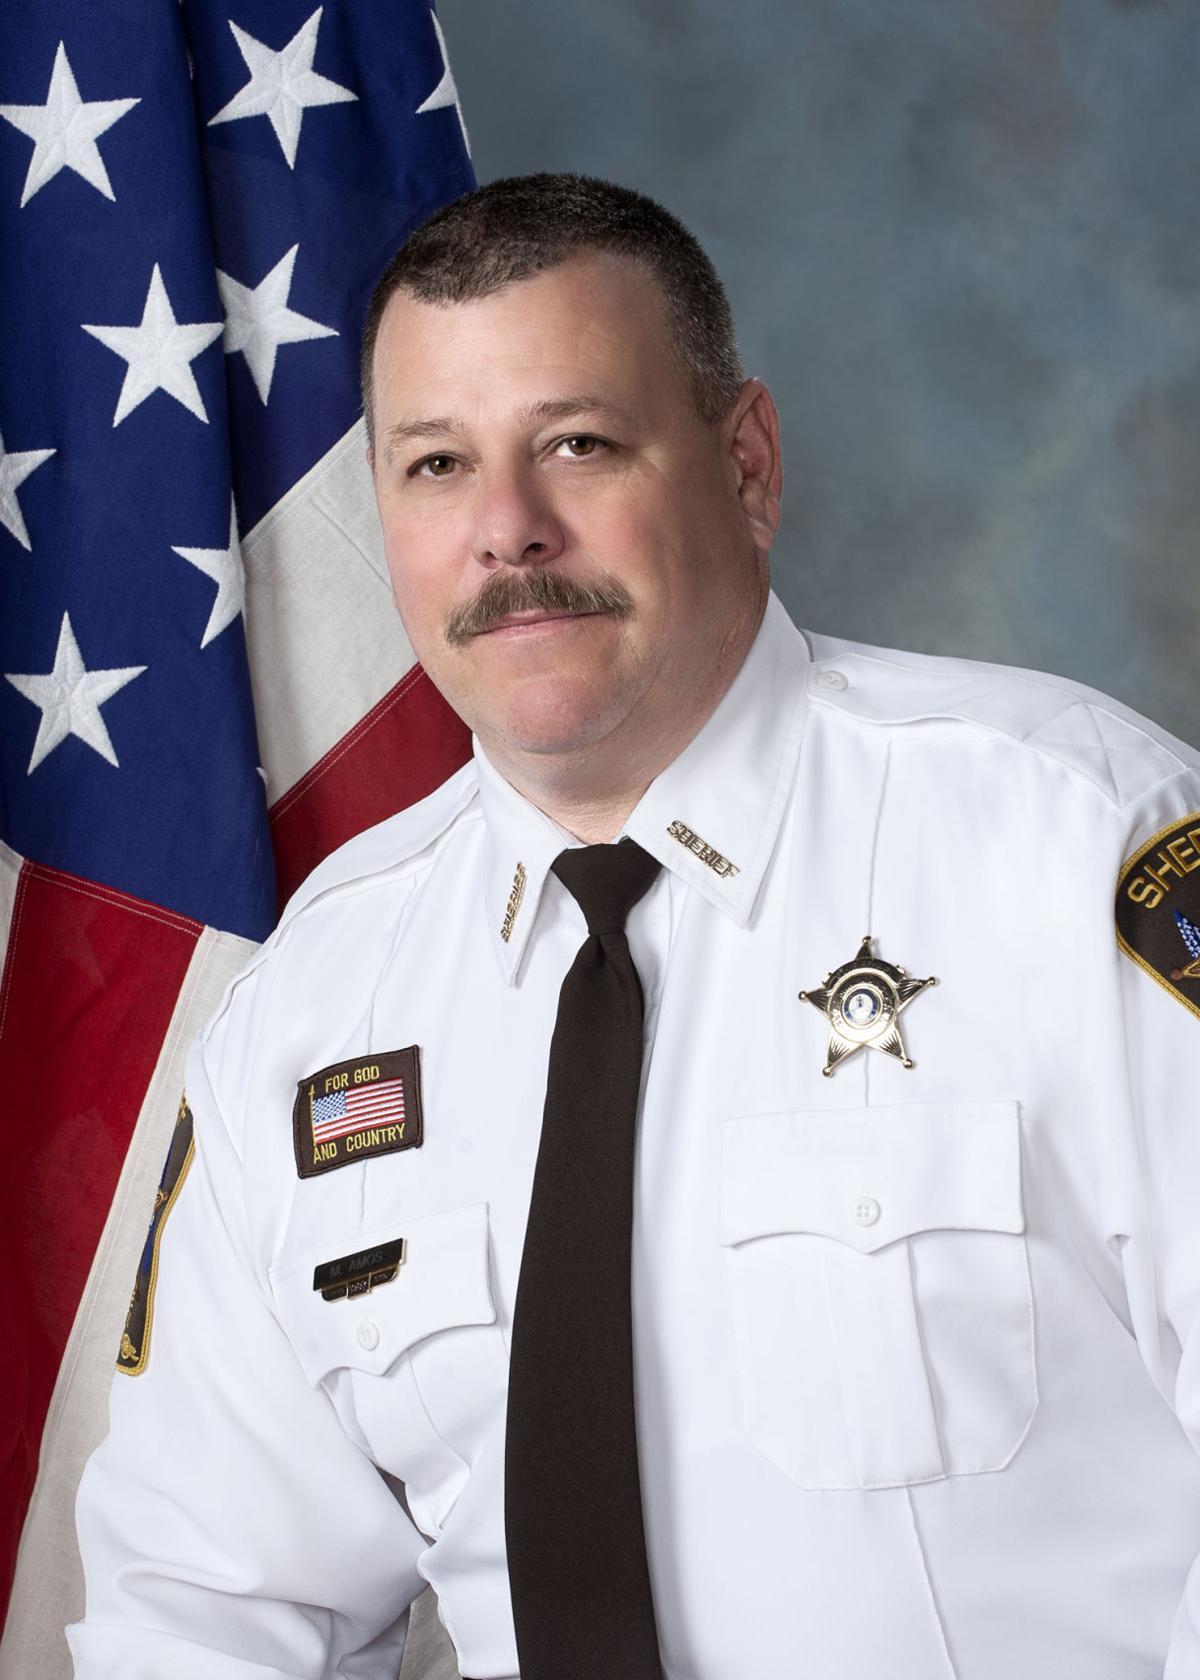 Orange County Sheriff Mark Amos